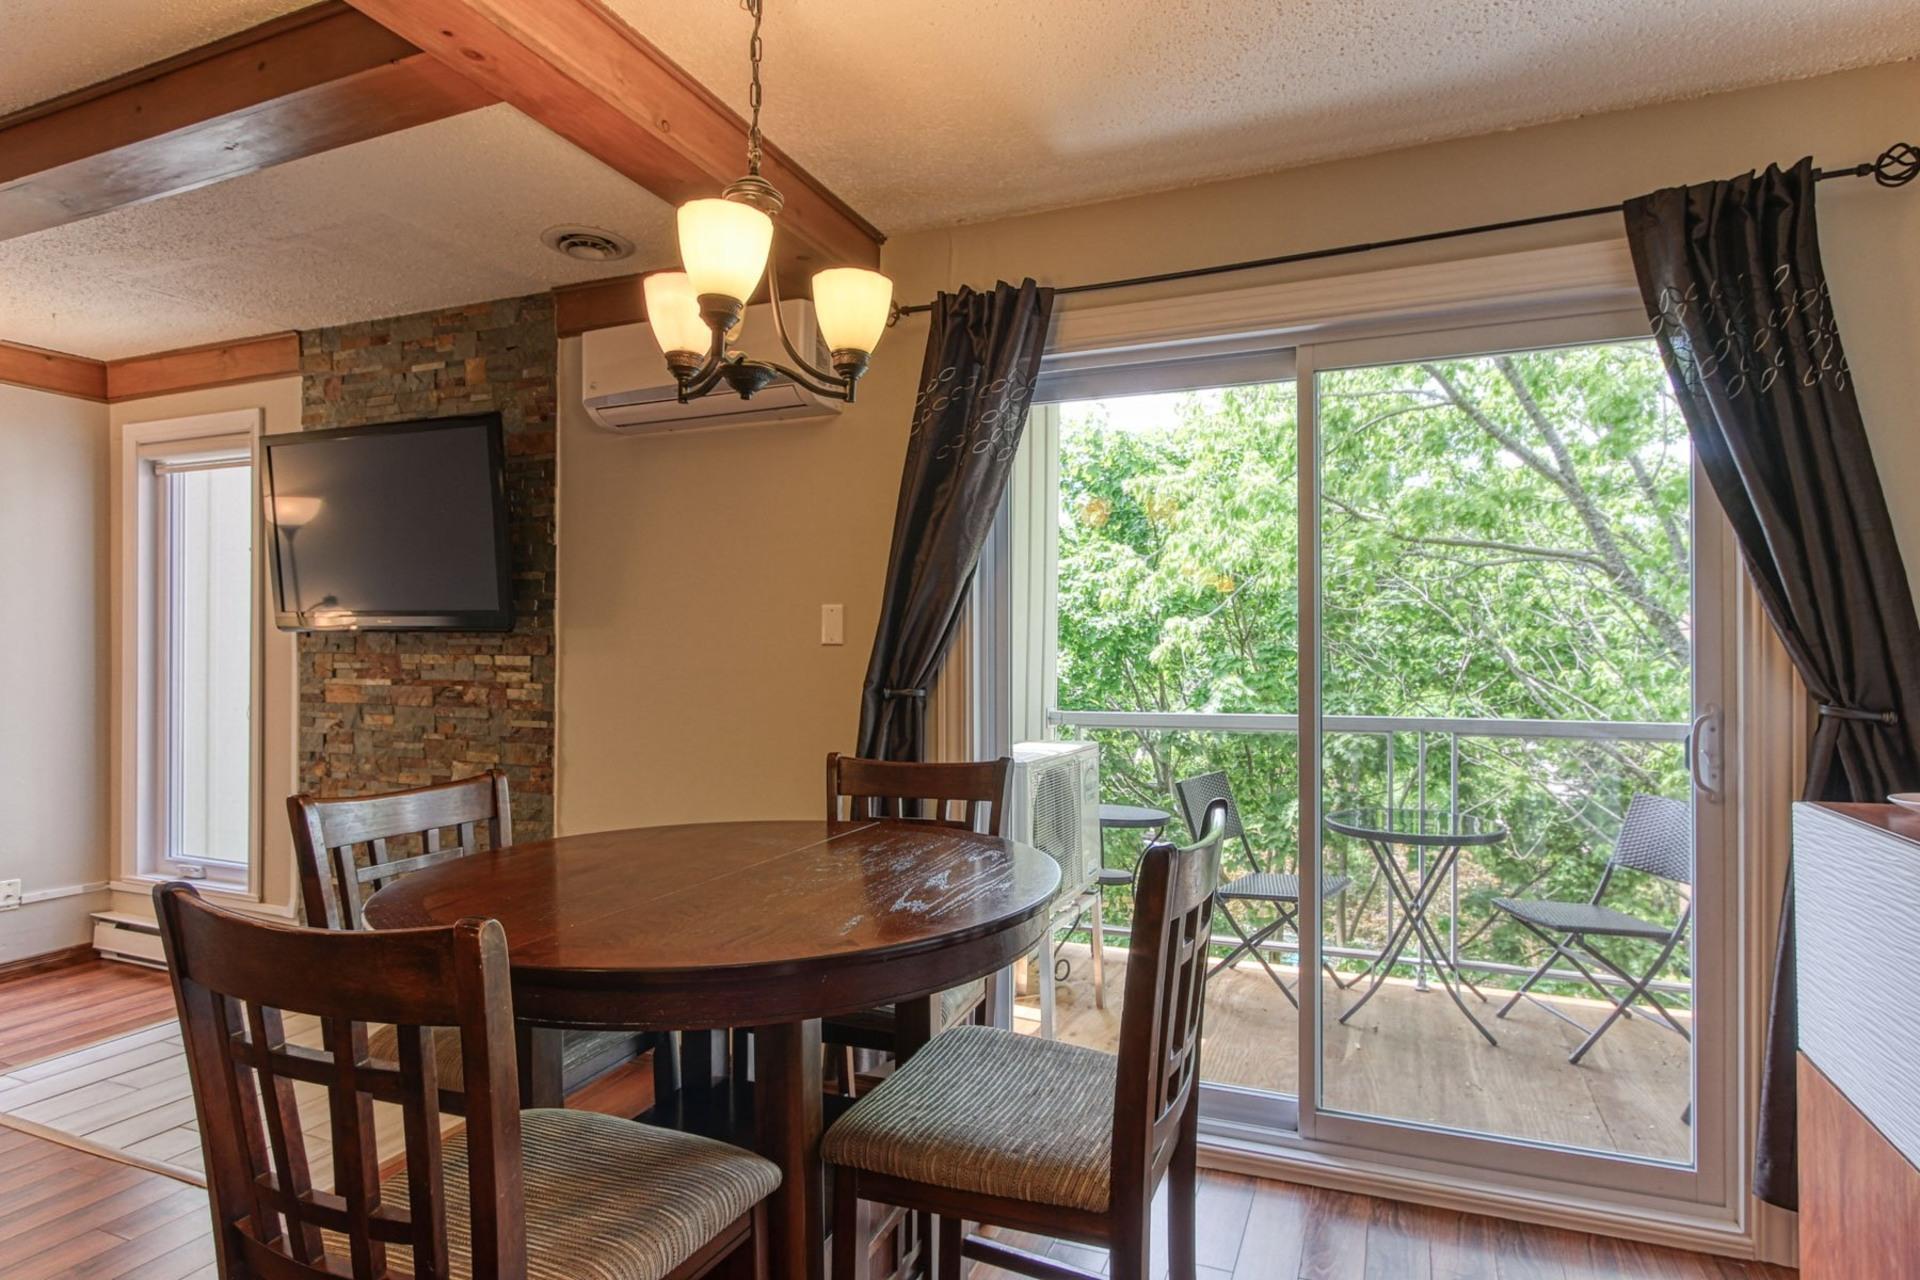 image 5 - Apartment For sale Trois-Rivières - 8 rooms